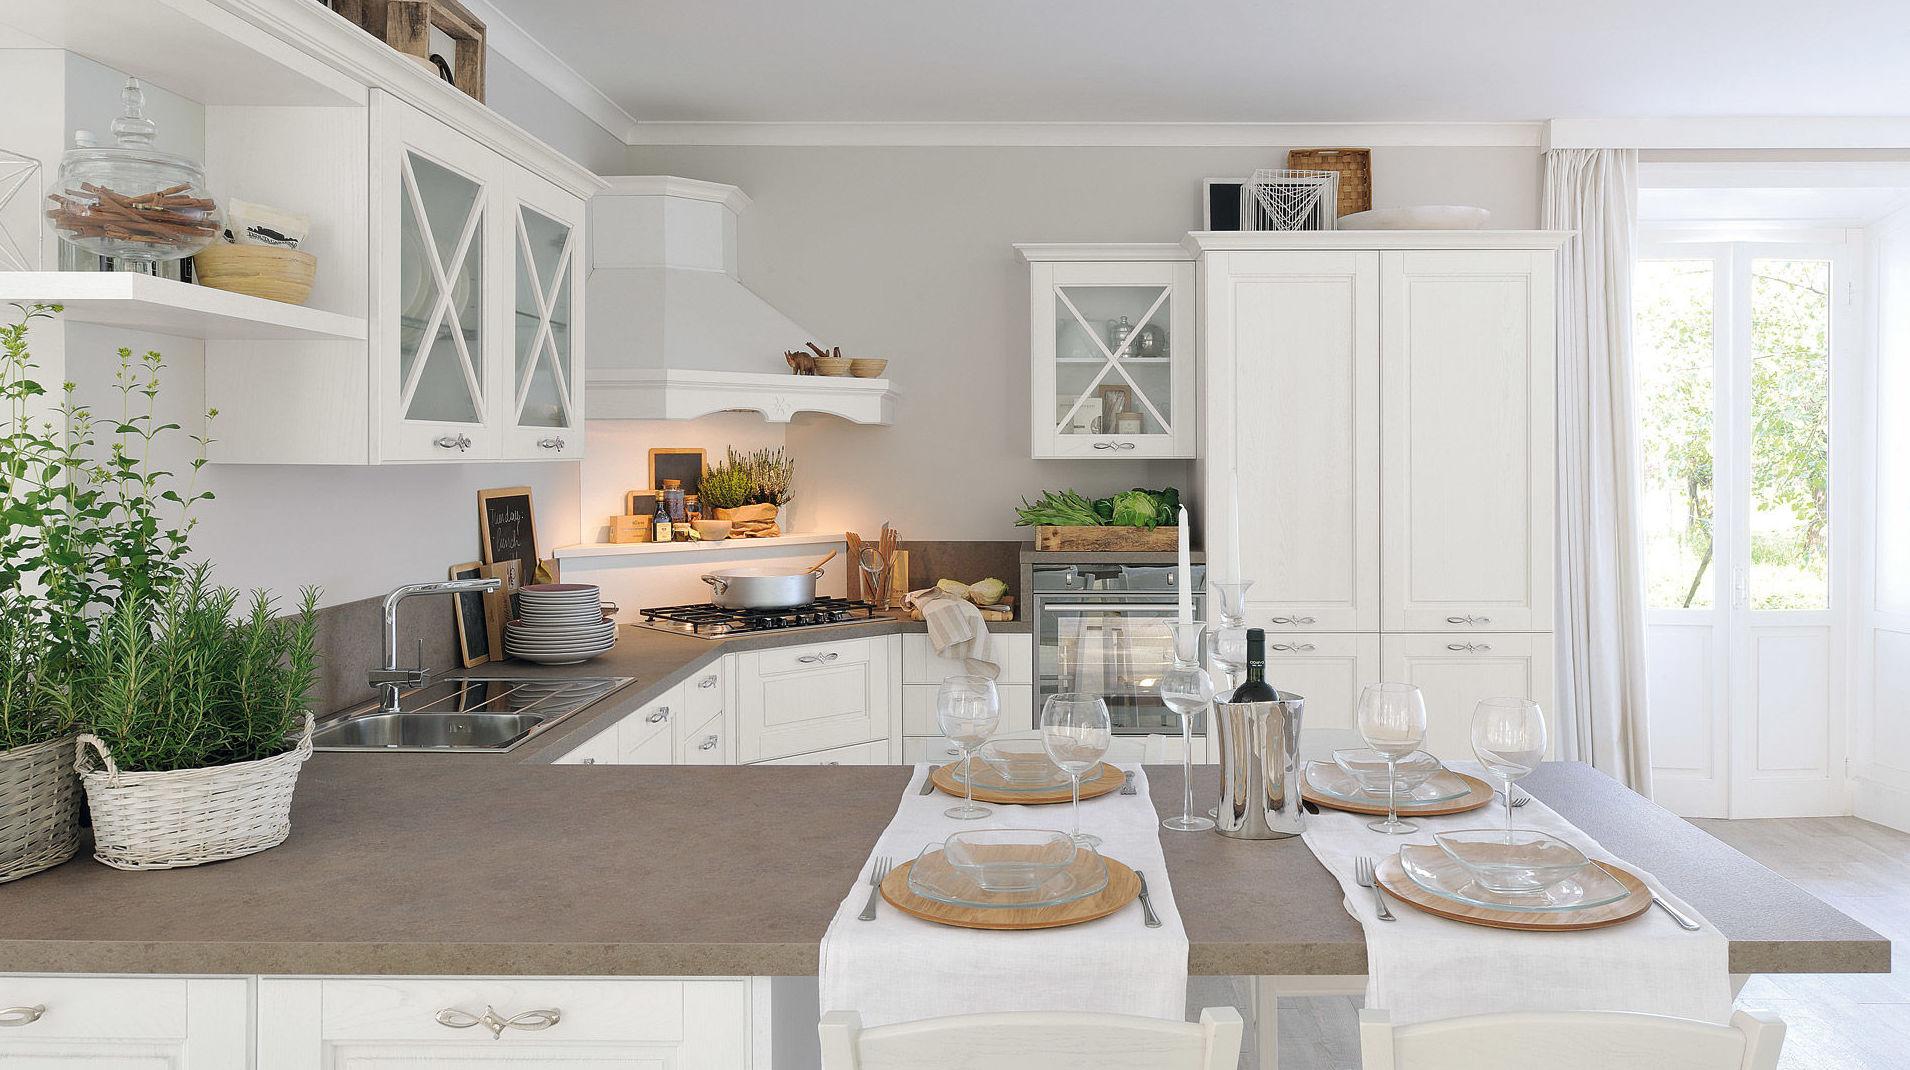 Foto 8 de Cocinas y baños en Getafe | Cocinas y Baños Snello